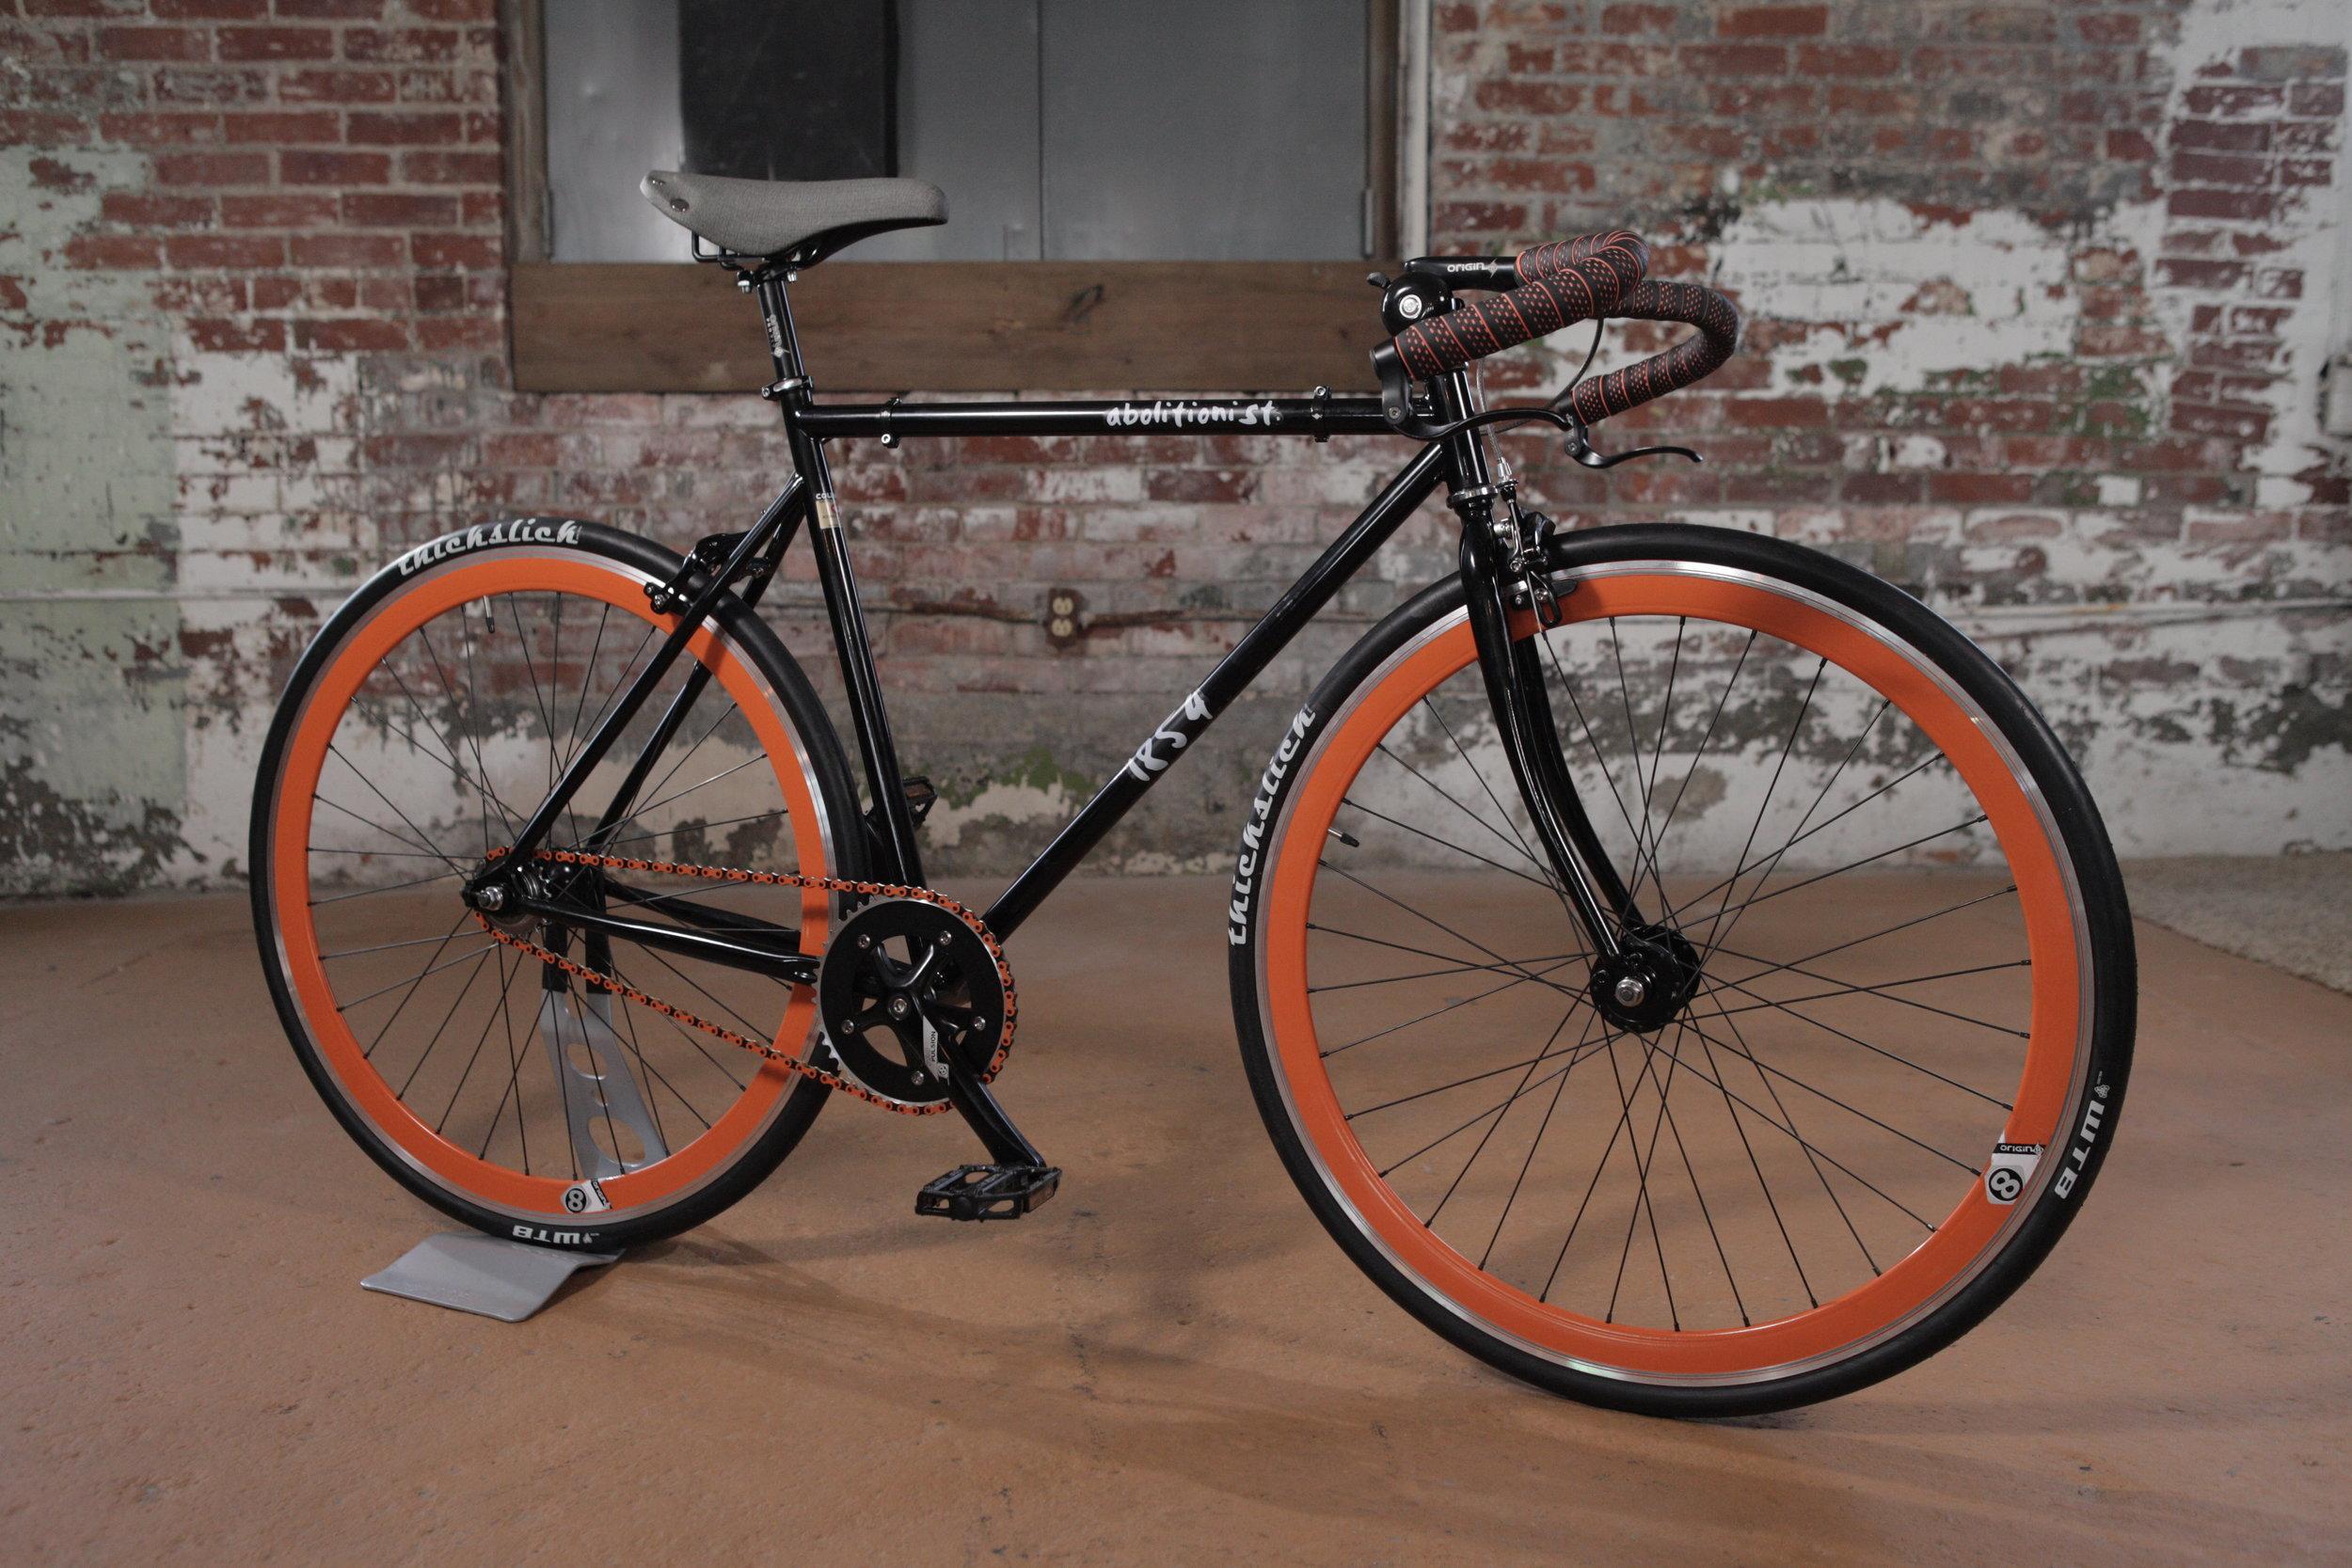 Changemaker Aandolph Bike